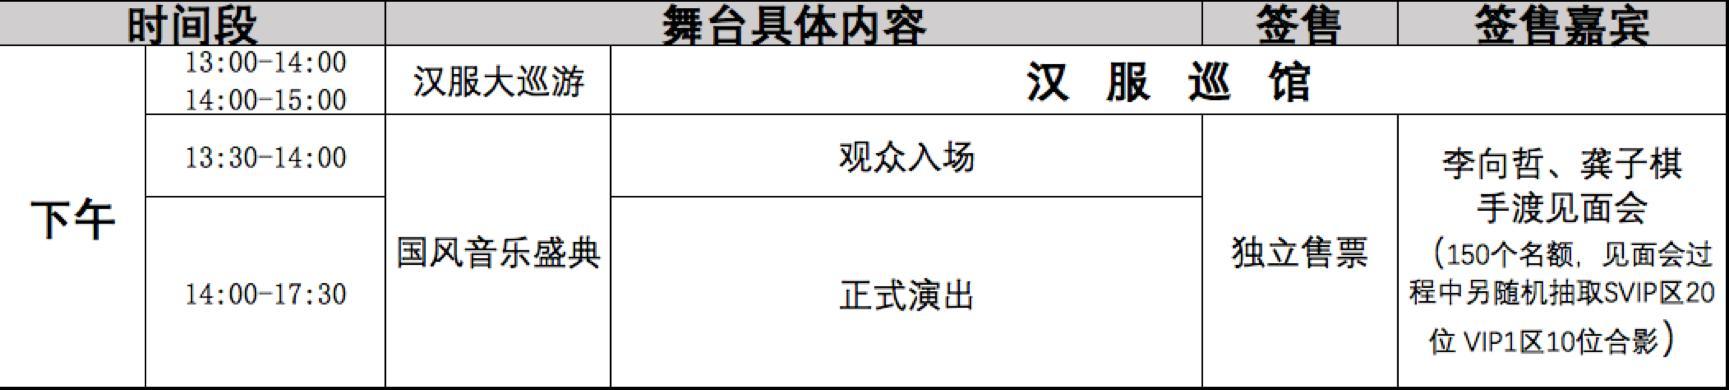 11月22-24日2019 CGF中国游戏节展会现场活动首次曝光 展会活动-第8张